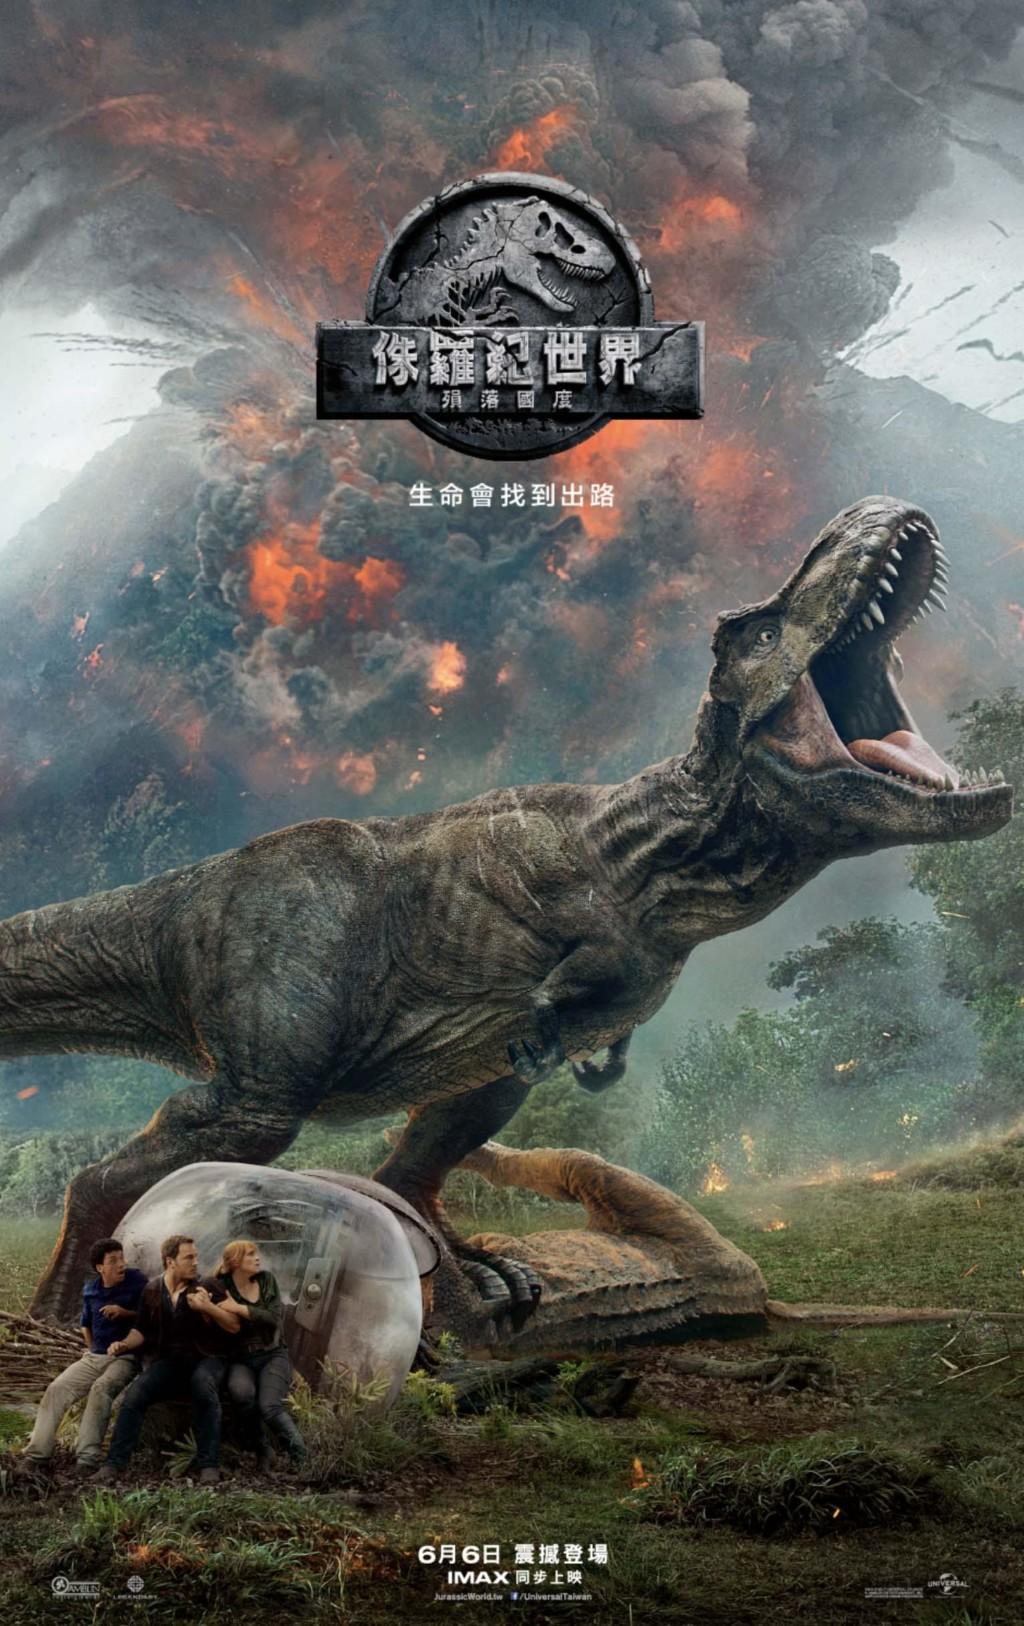 盤點「全球票房排名TOP 20」的人氣電影 《侏羅紀世界》才排到第6!